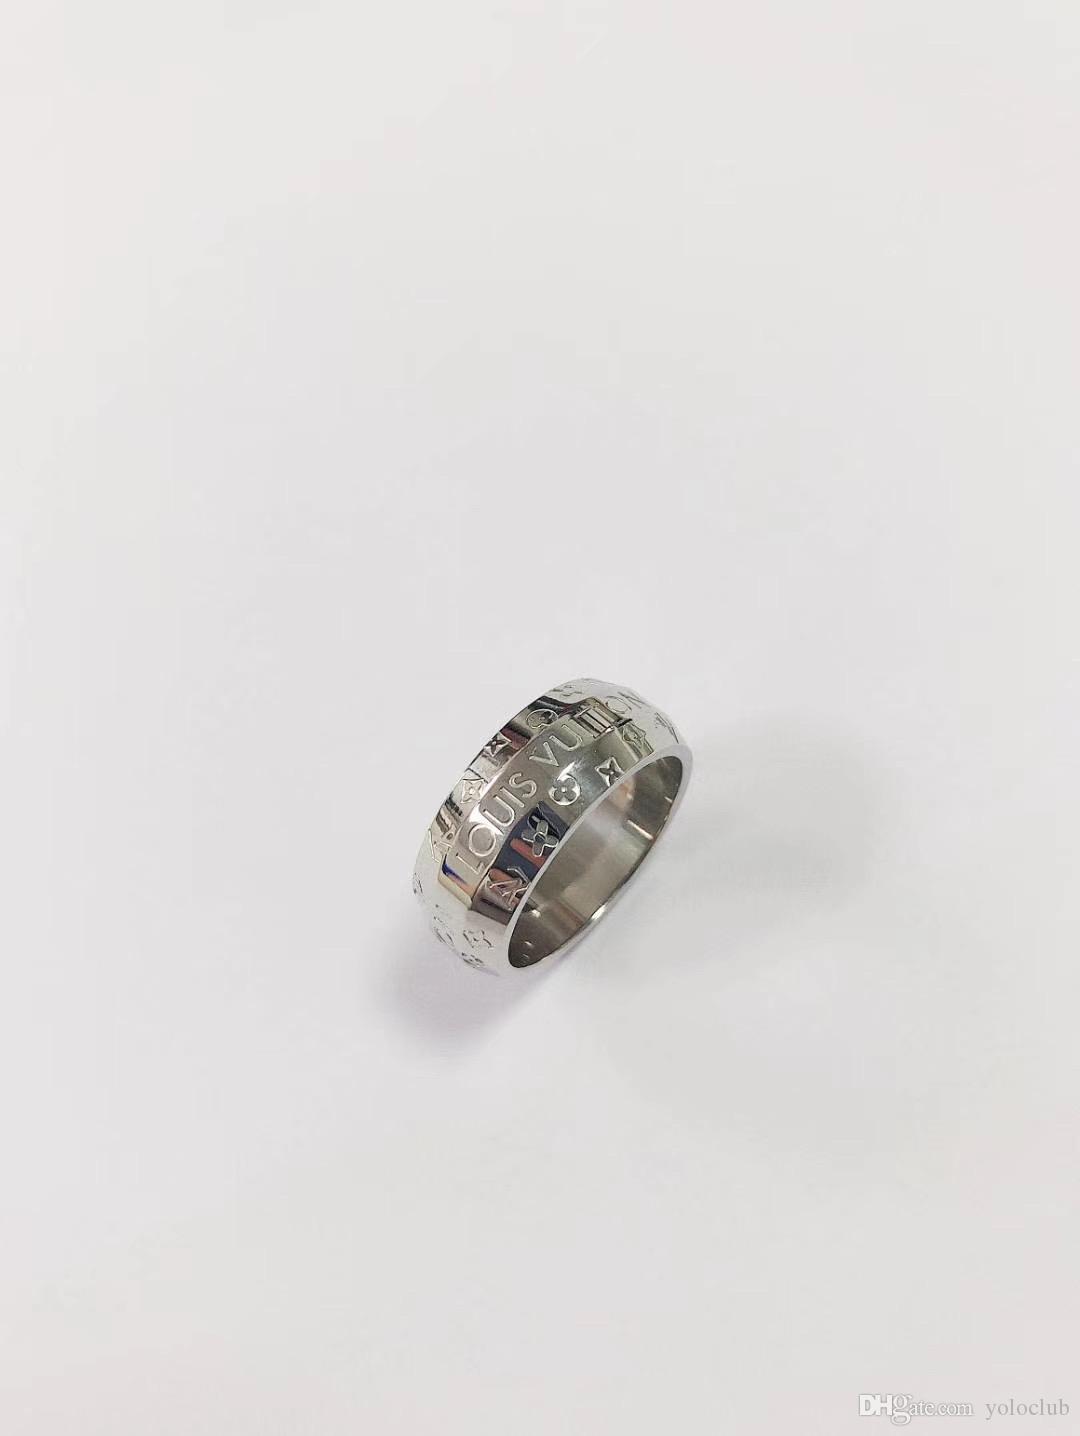 Al por mayor barato alta calidad del precio forma ancha V anillo de los hombres Tamaño 7/8 de la astilla de color Letter regalos de acero inoxidable para hombres mujeres